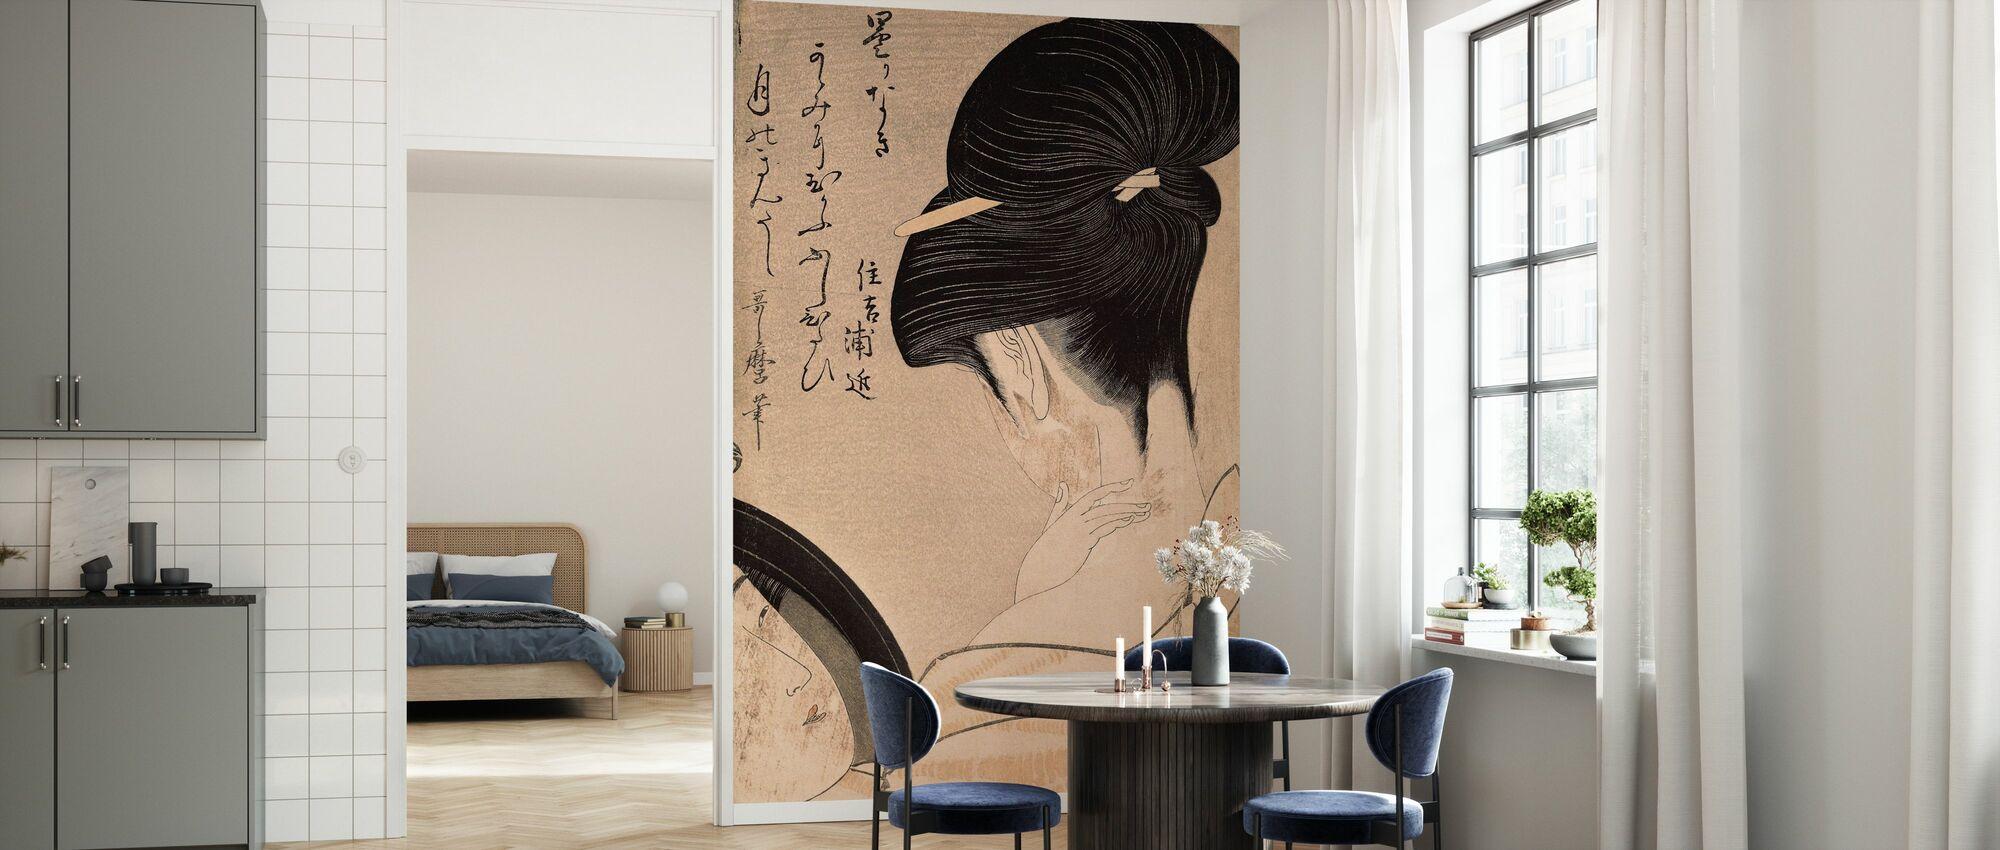 Kvinde Sætte på Make-up, Kitagawa Utamaro - Tapet - Køkken